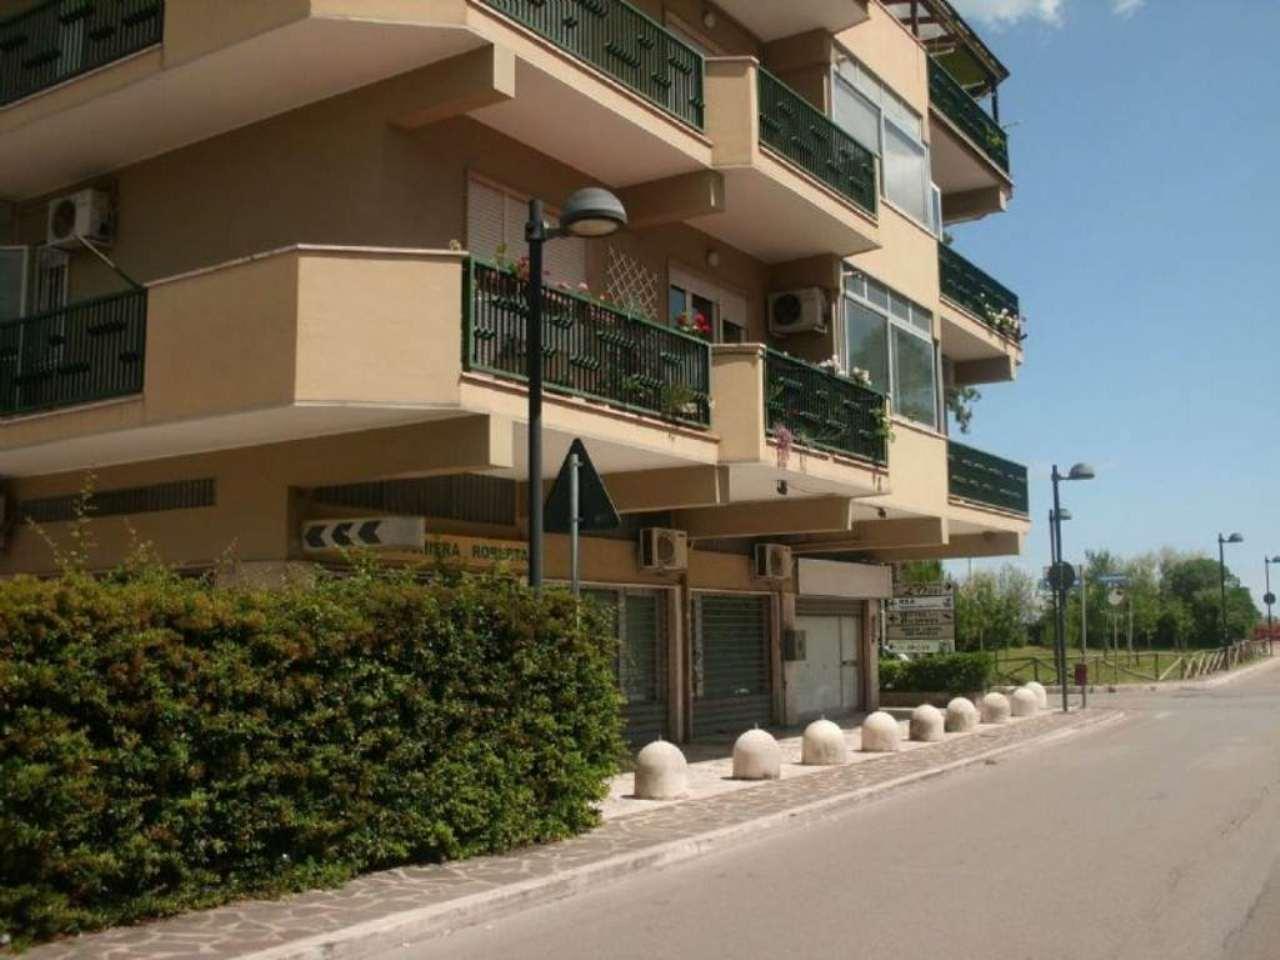 Negozio / Locale in affitto a Montesilvano, 1 locali, prezzo € 400   Cambio Casa.it